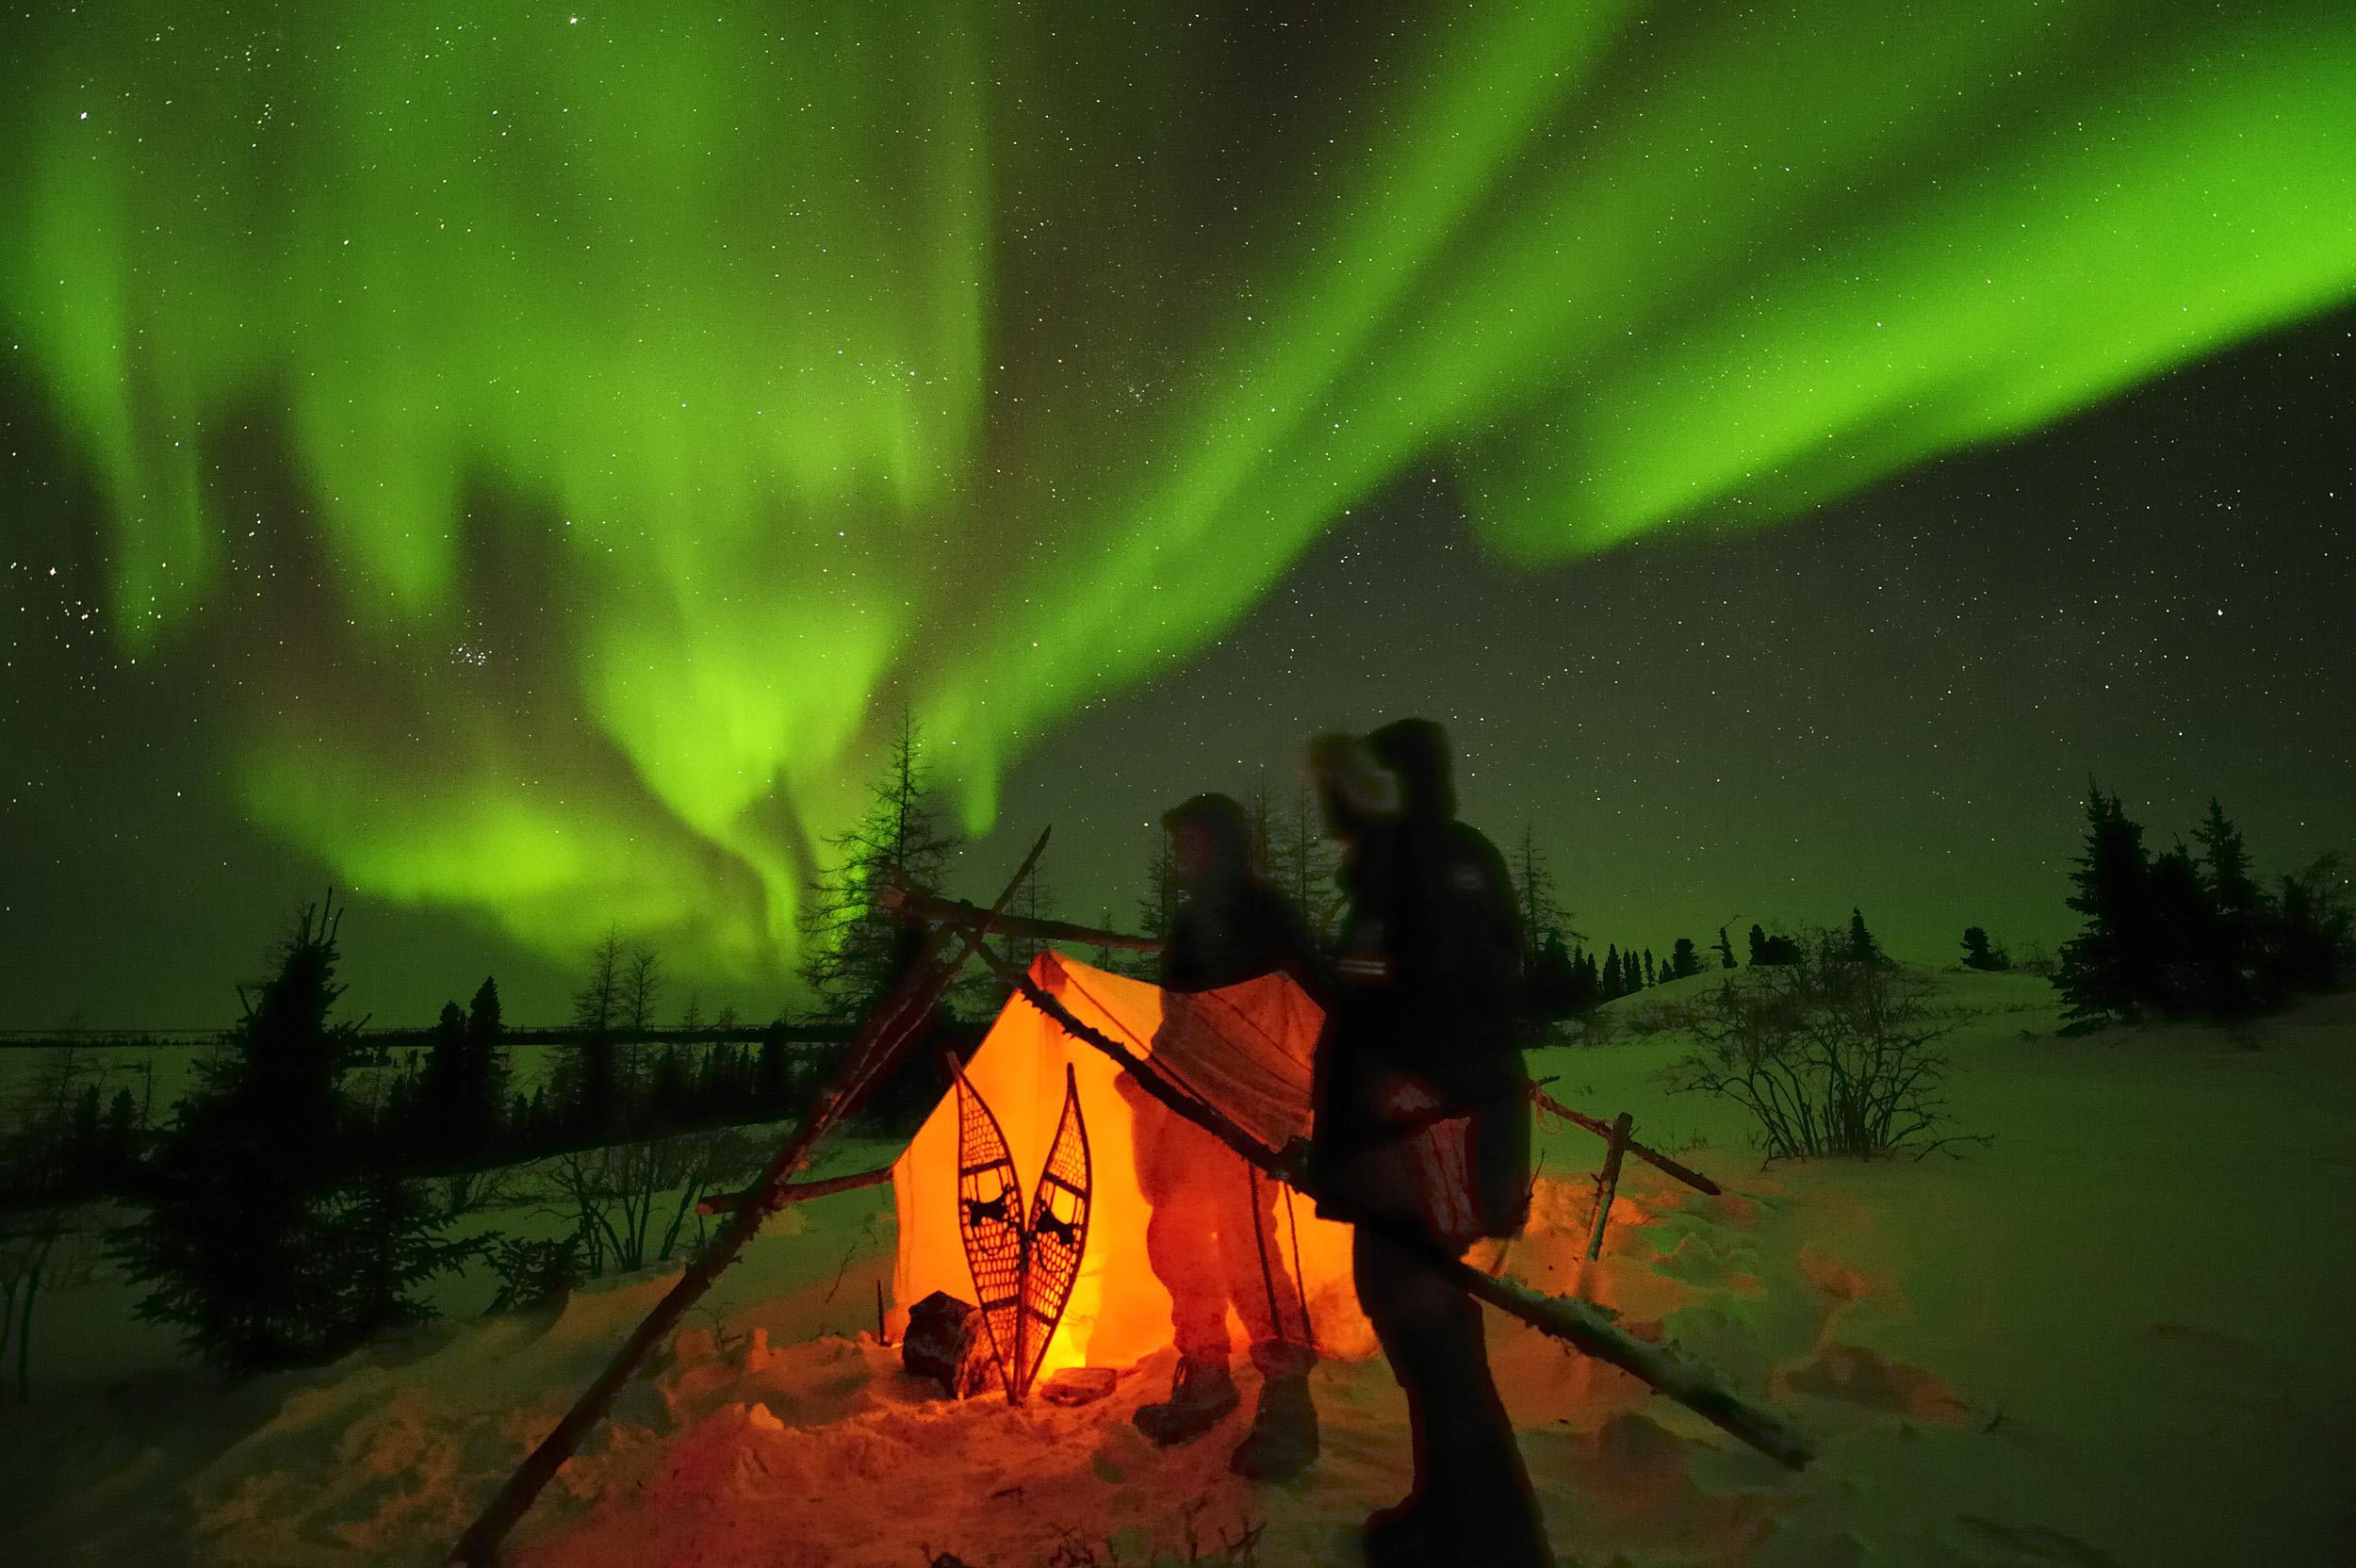 Blickpunkt Erde Multivisions-Vorträge, Polarlichter, Aurora Borealis über der Arktis, Hudson Bay, Manitoba, Kanada